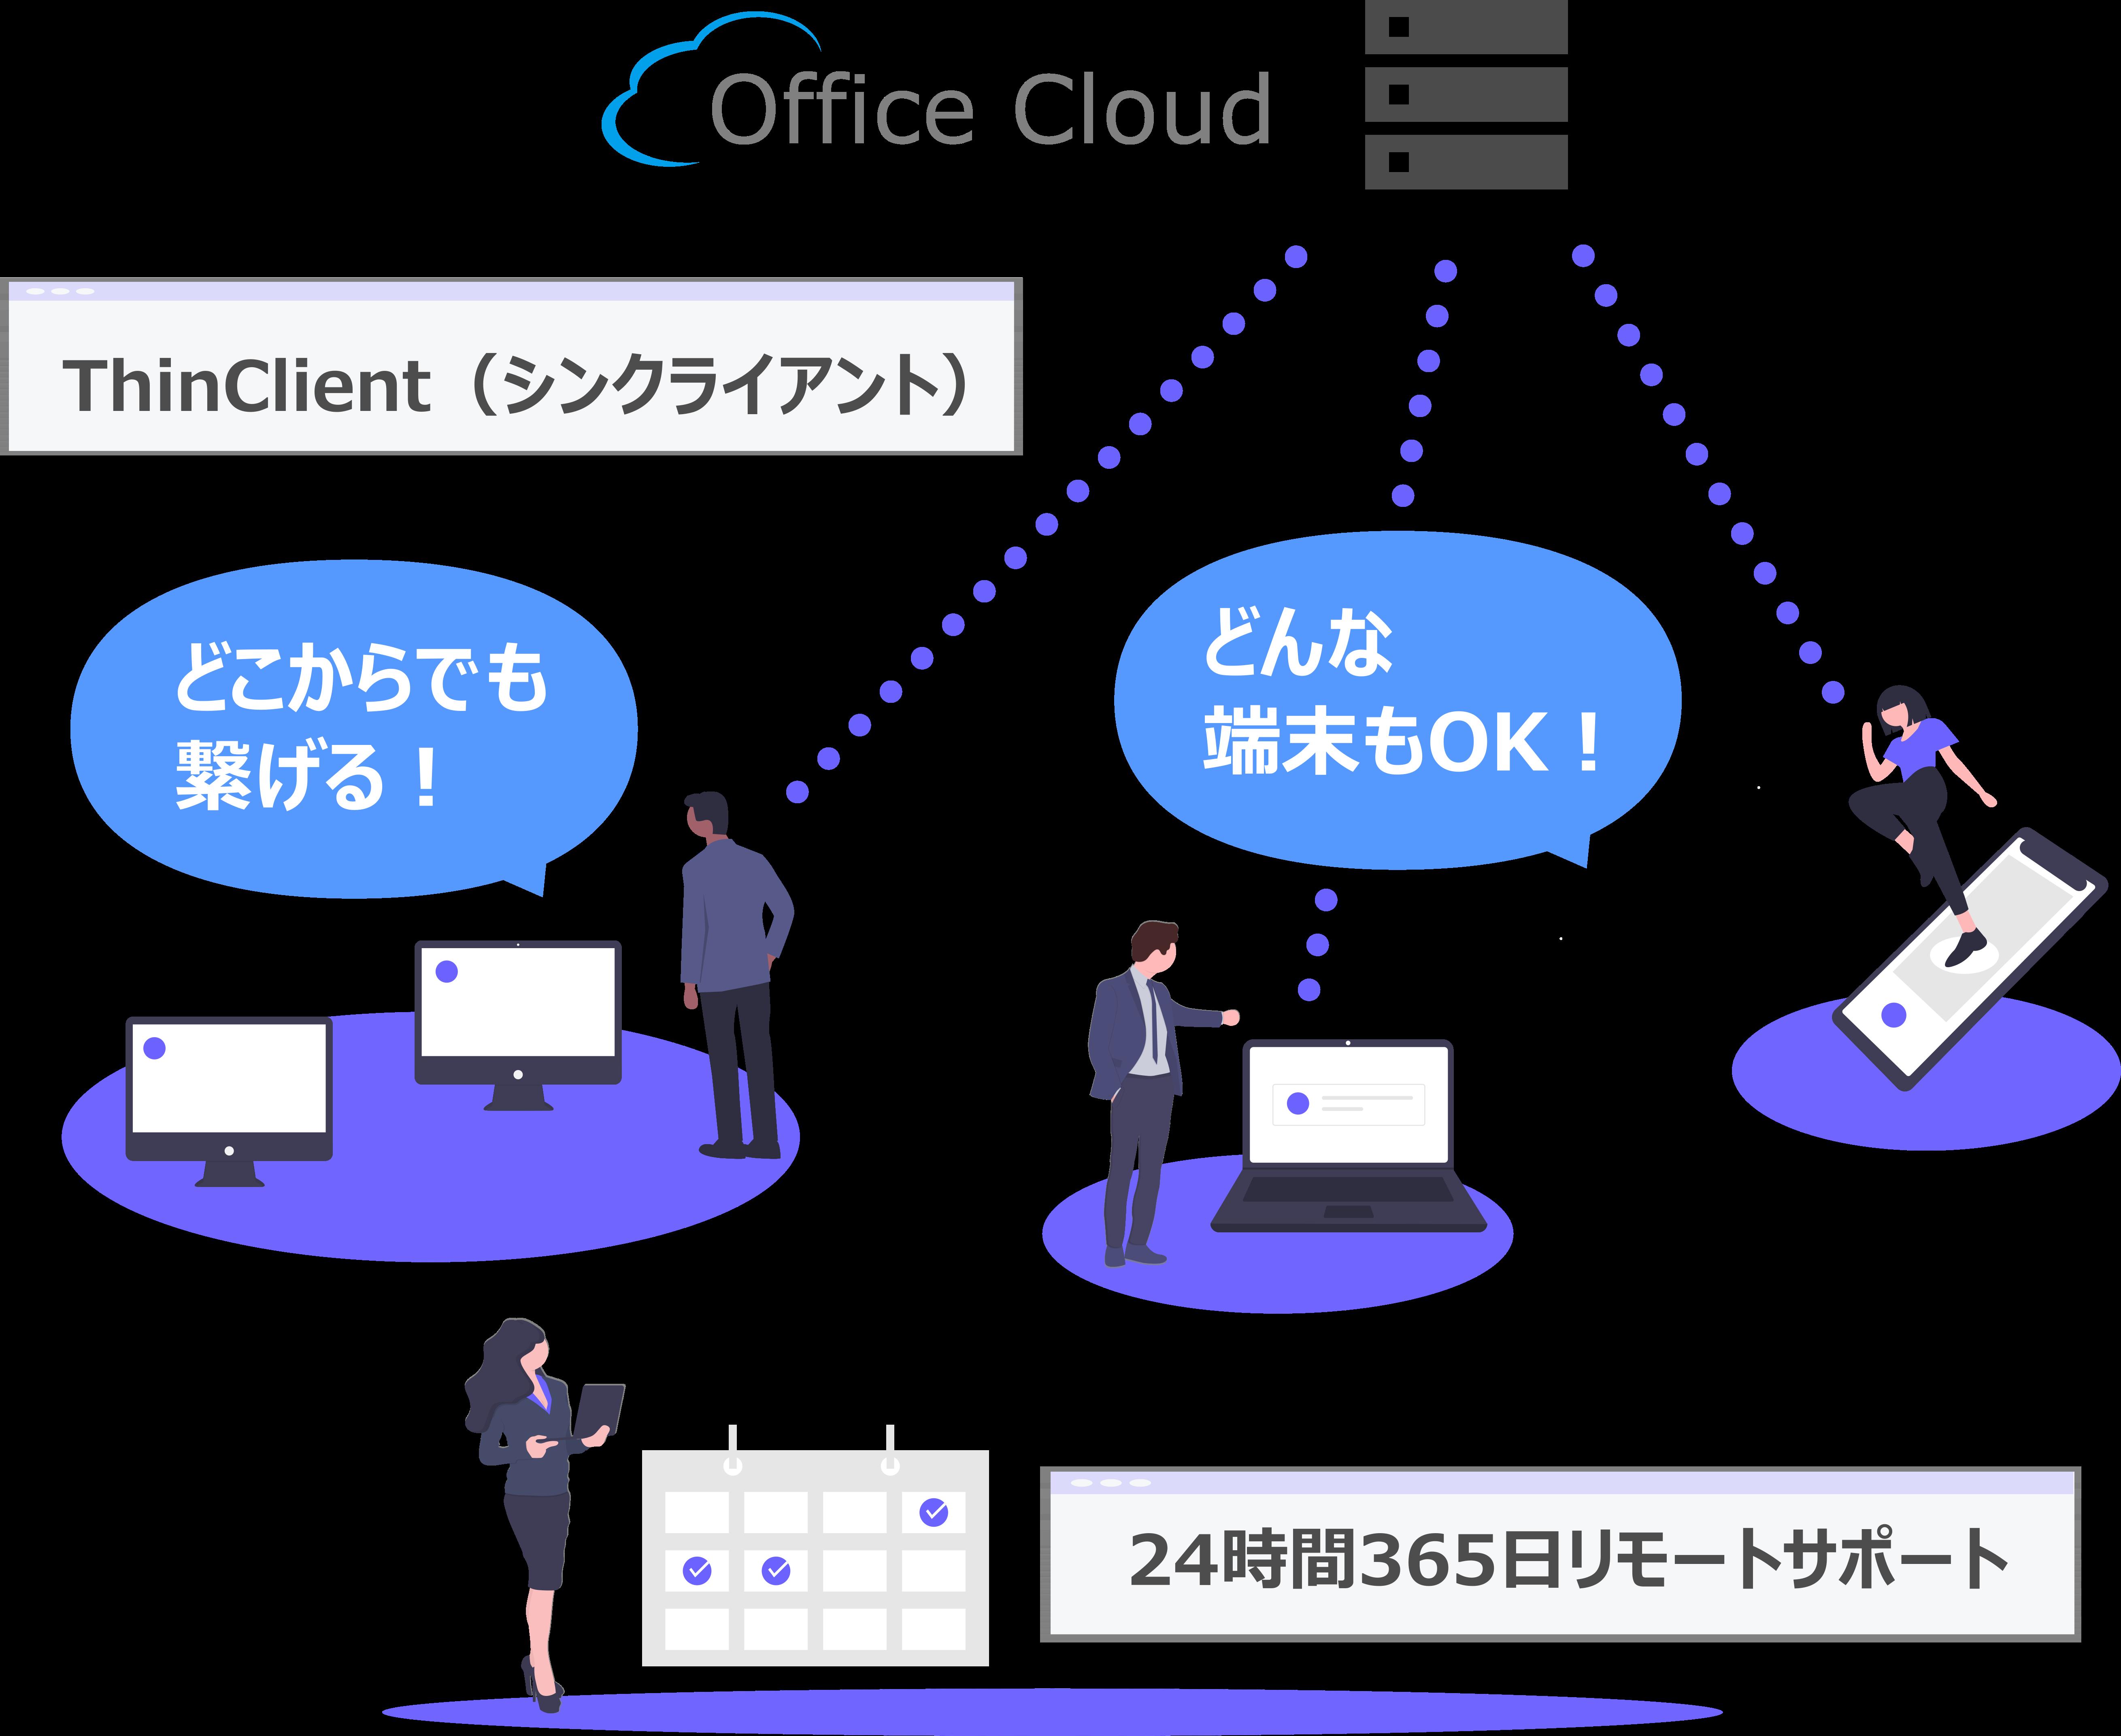 Office Cloud | 導入からサポートまで完全カバー